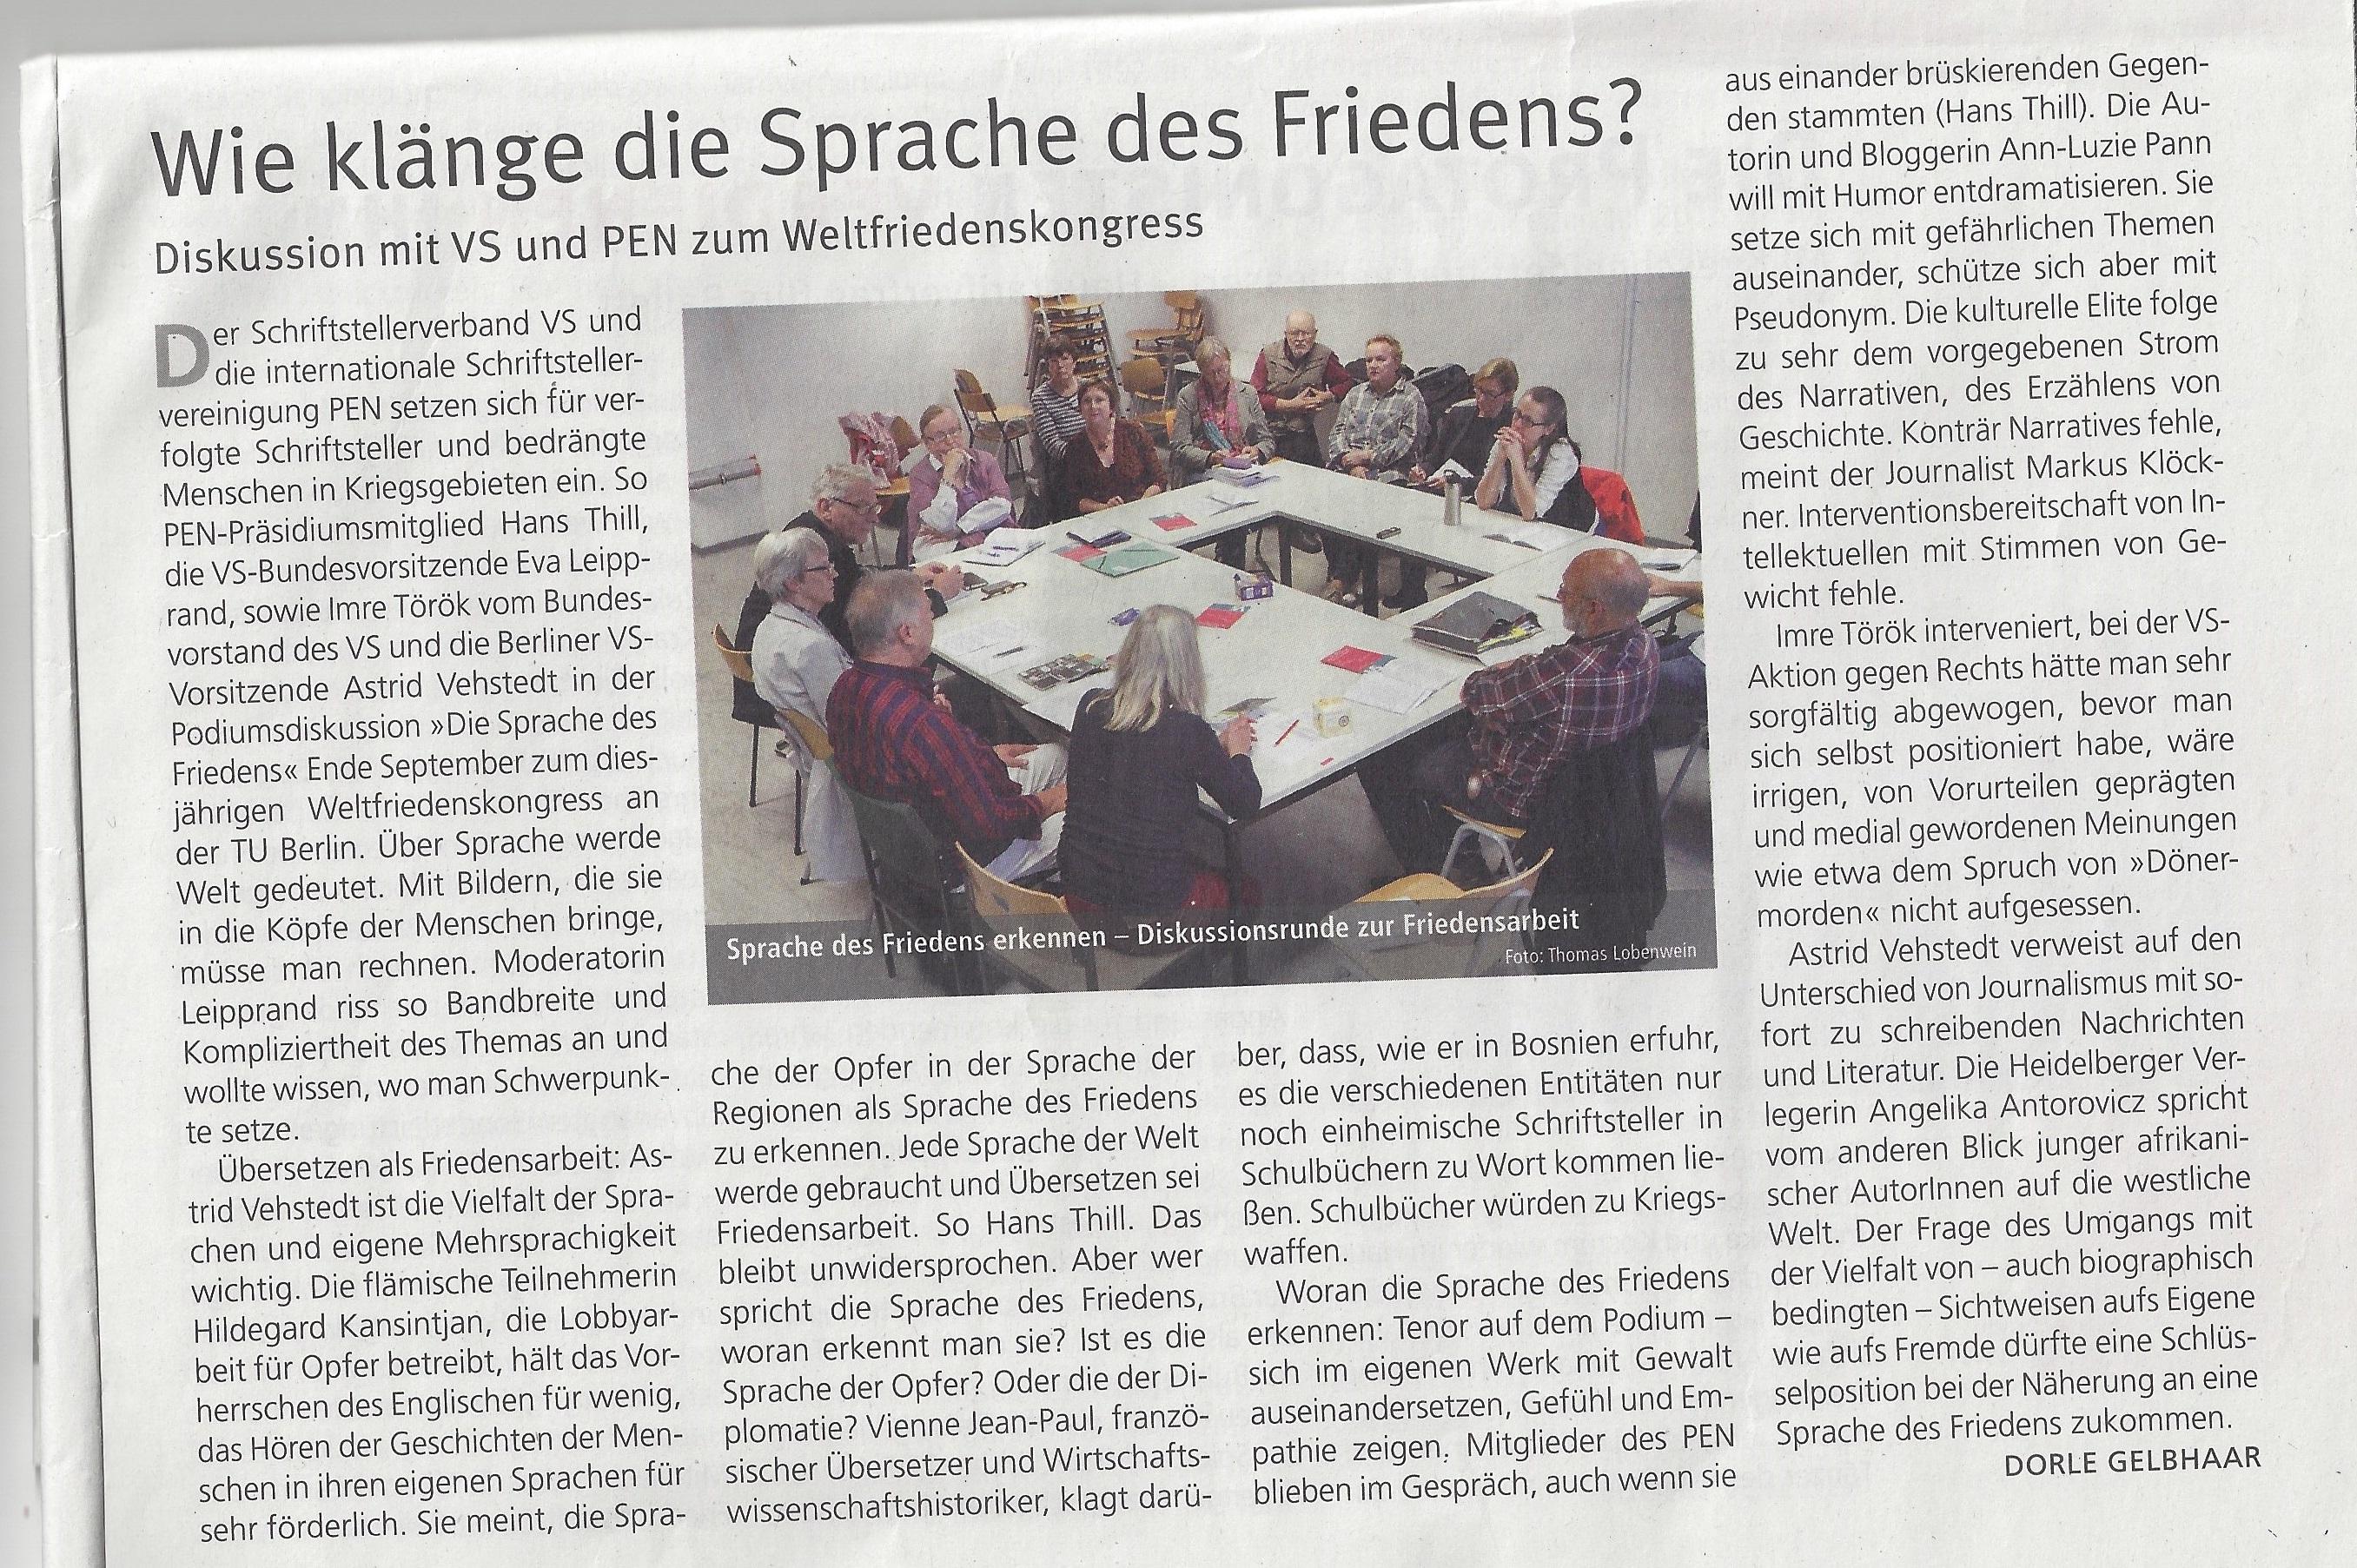 verdi-sprache-des-friedens-presseartikel